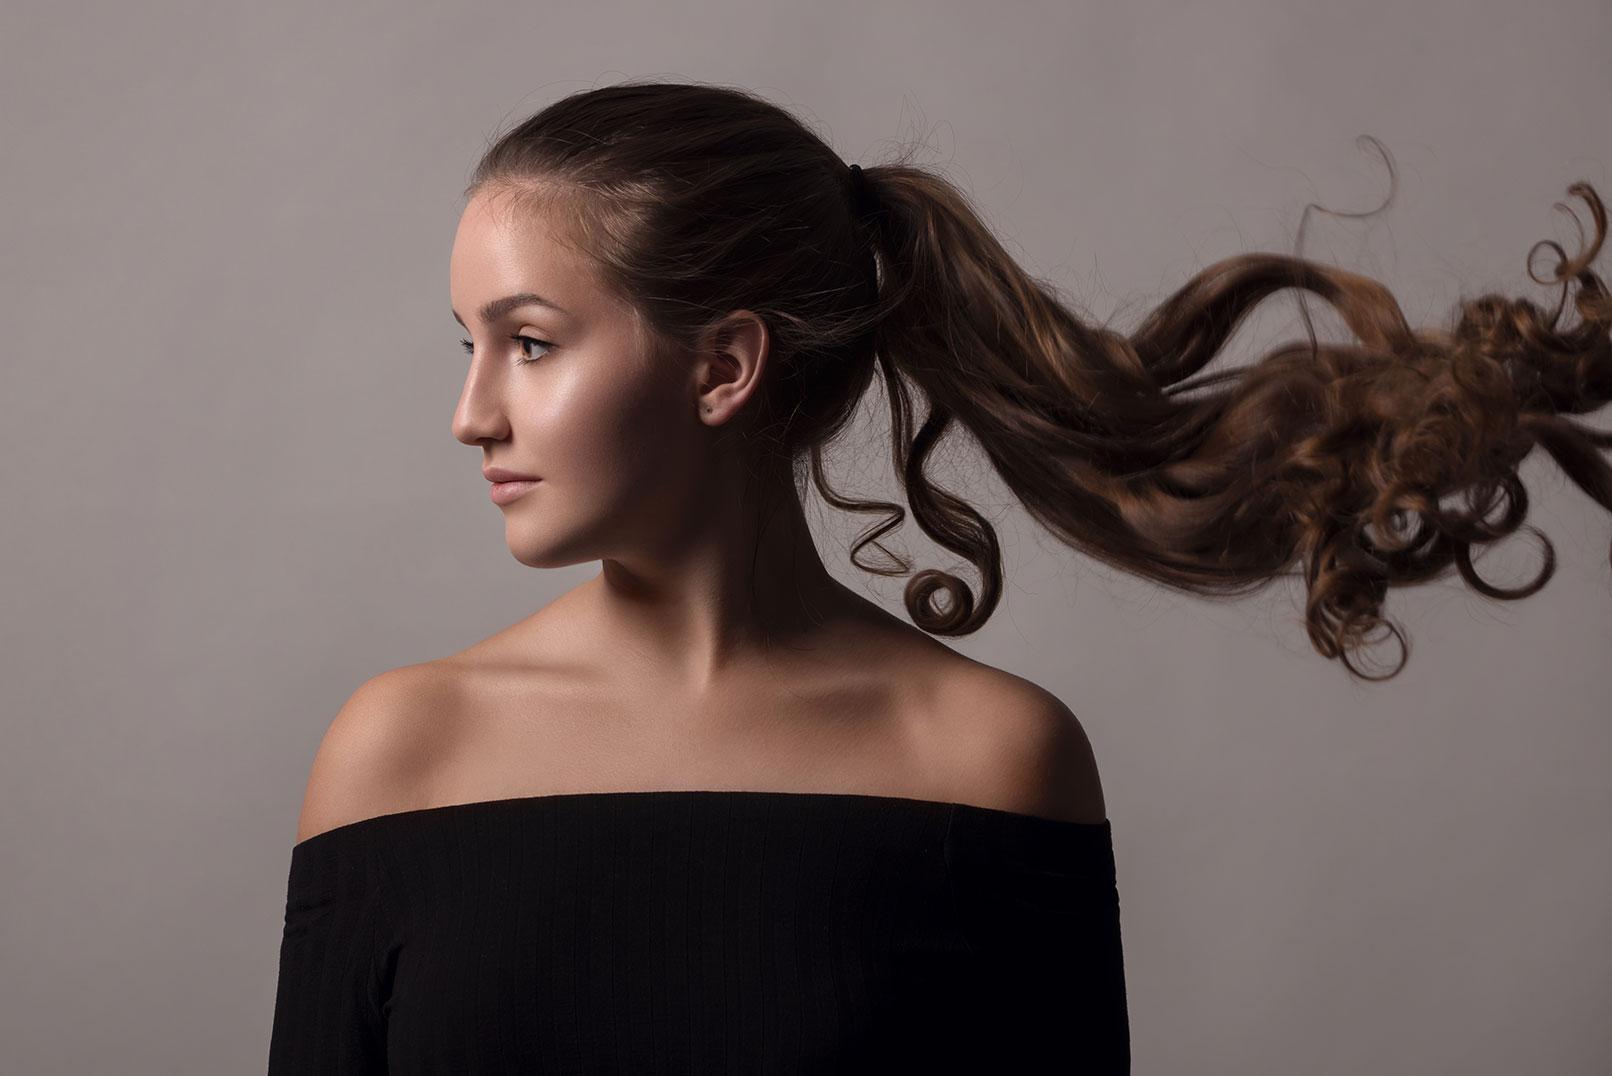 Beispiel zur Beauty-Retusche in Photoshop: Frau mit Zopf